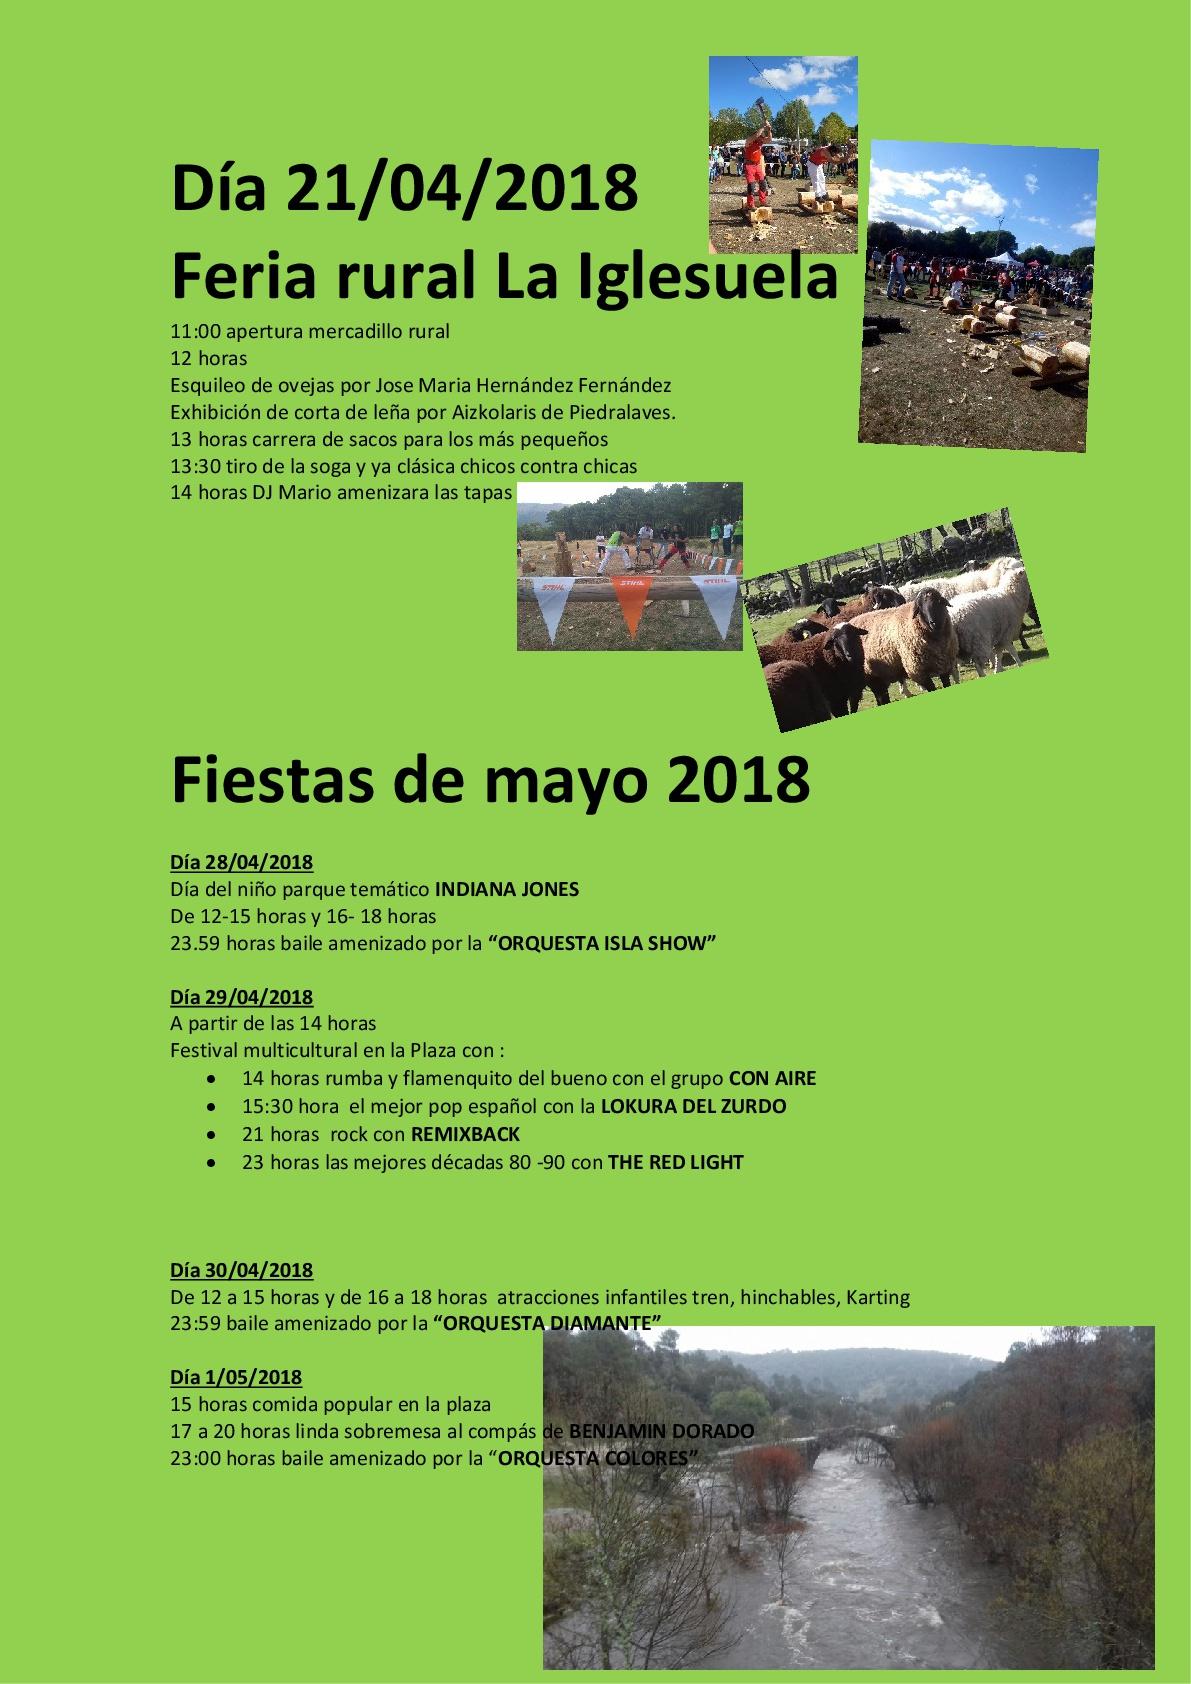 Imagen de la actividad Feria rural y Fiestas de Mayo 2018